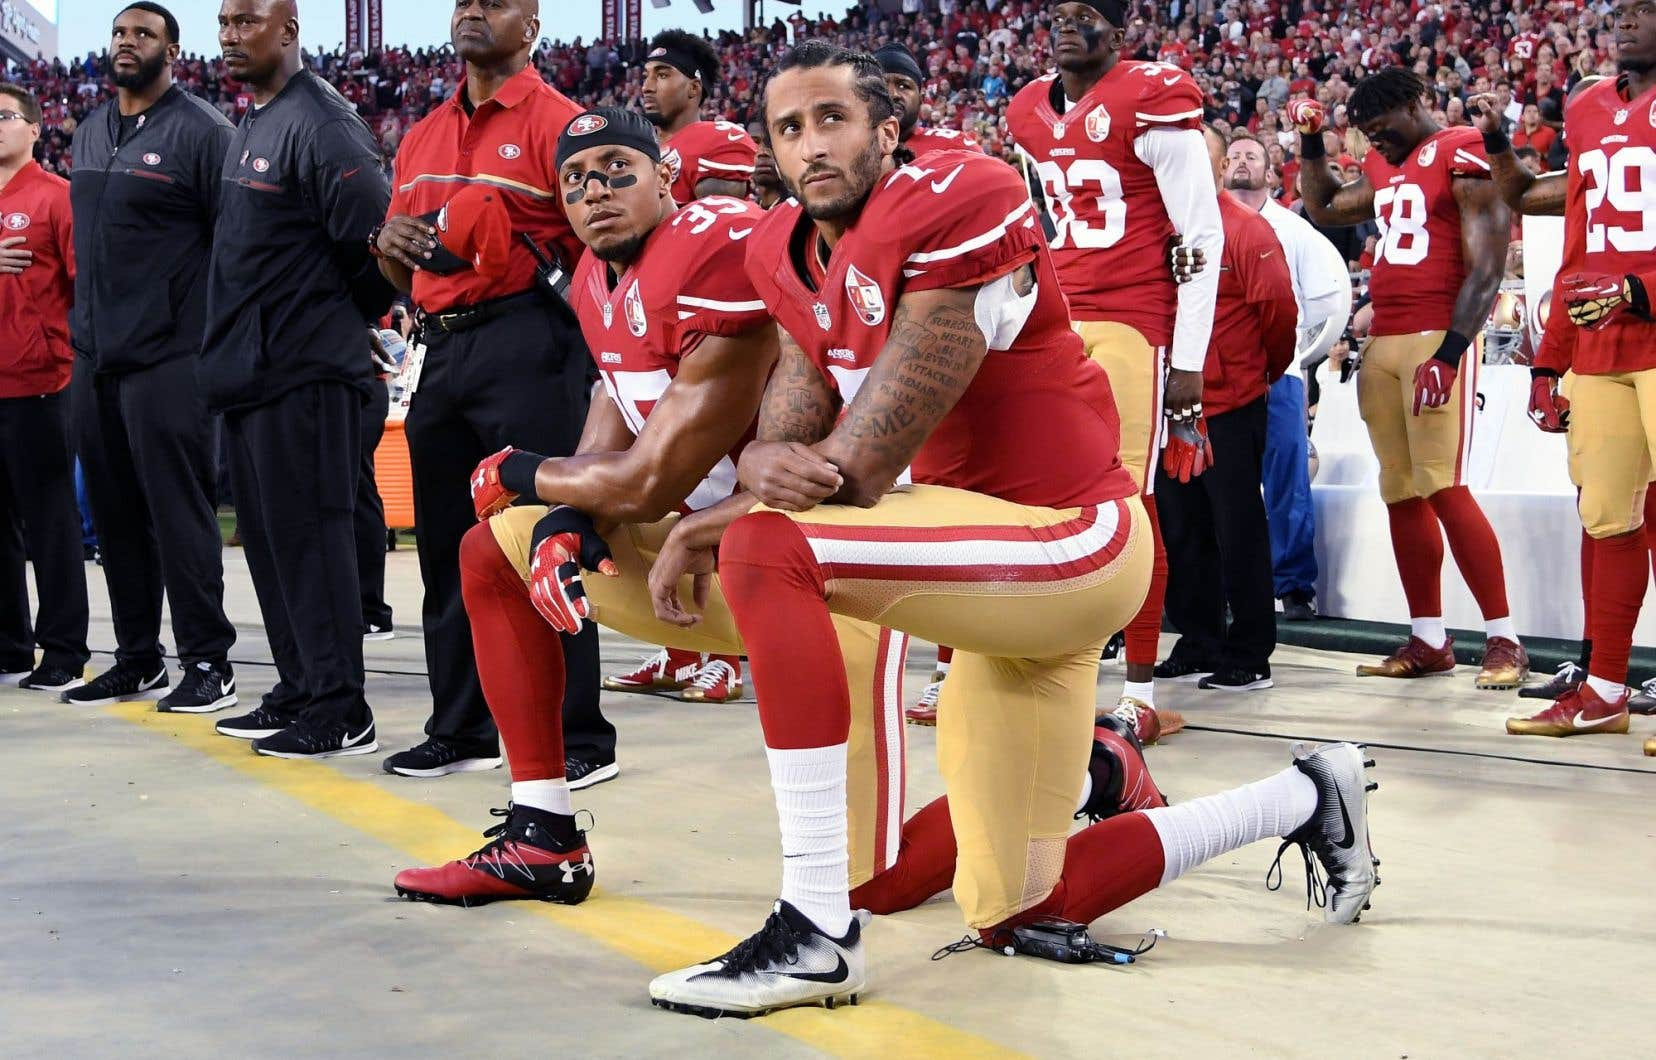 À partir d'août dernier, le quart-arrière des 49ersde San Francisco, Colin Kaepernick (à l'avant-plan), a refusé à plusieurs reprises de se mettre debout pendant l'hymne national précédant un match, comme contre les Rams de Los Angeles en septembre.